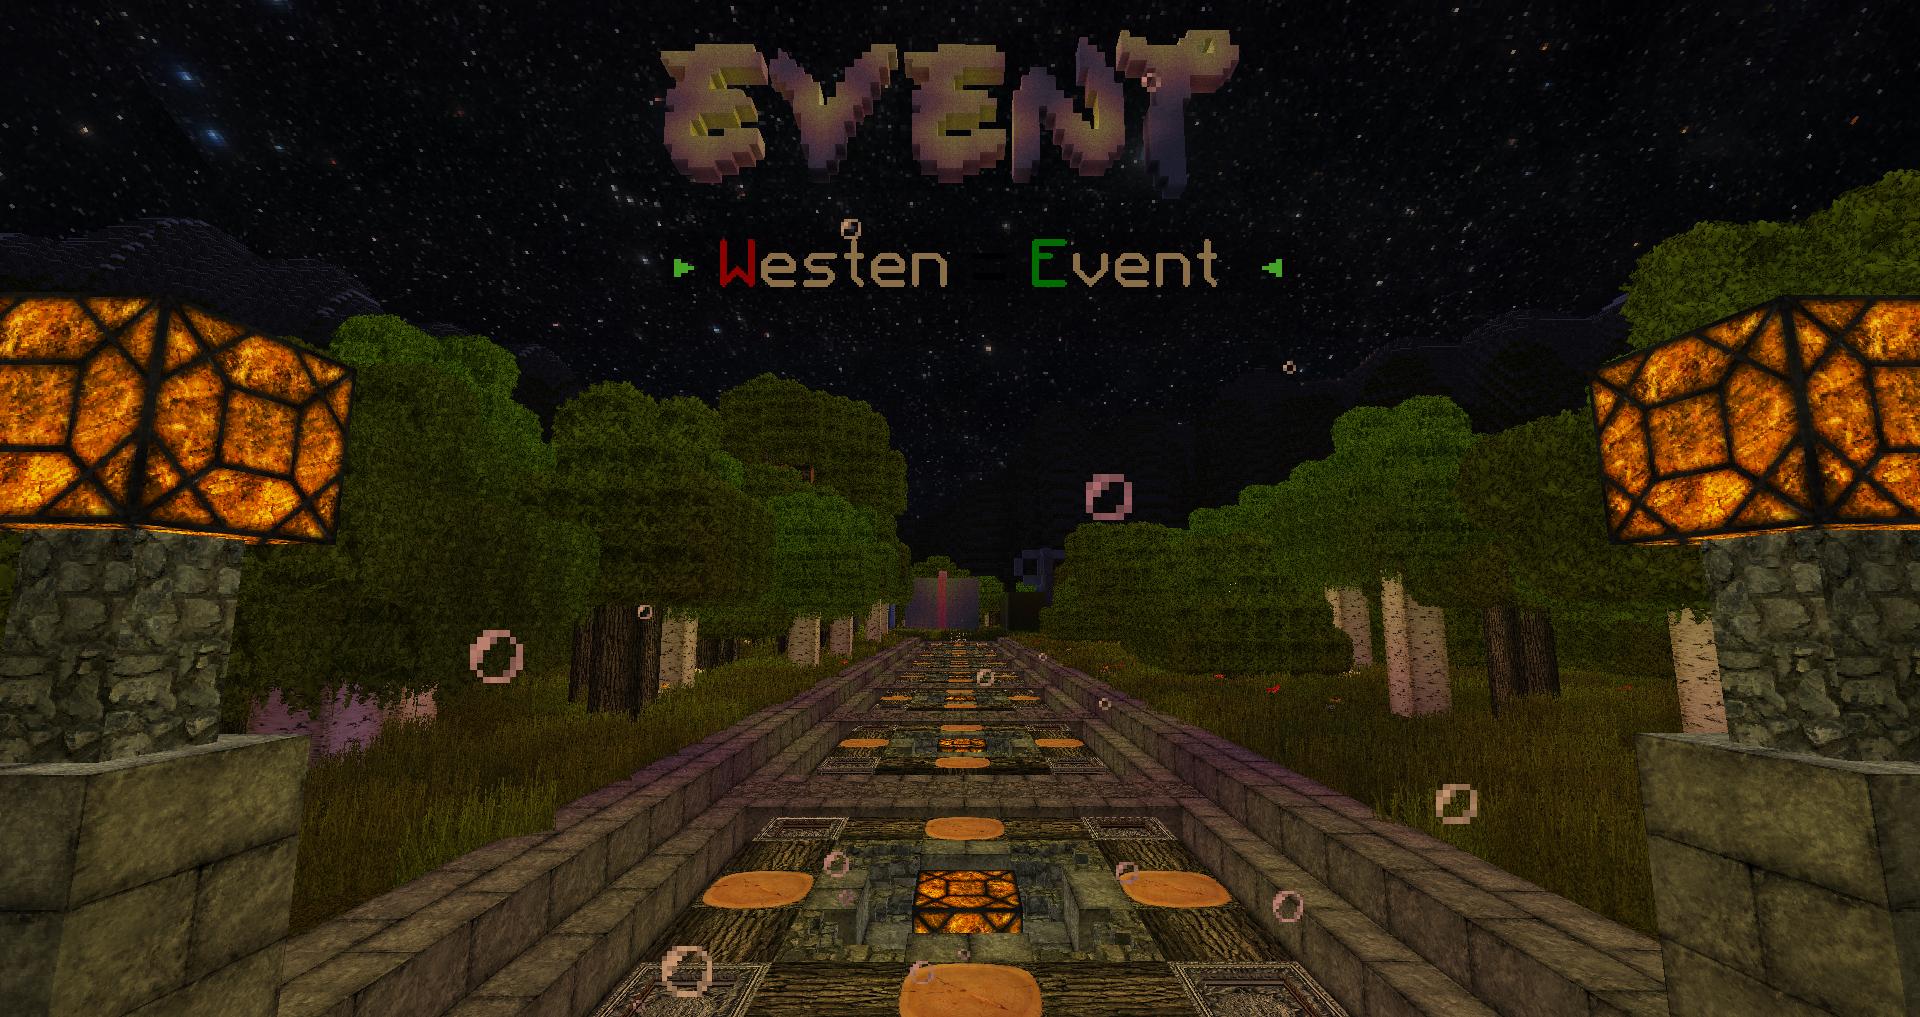 https://www.mystic-city.de/Pic/mseu/event.png